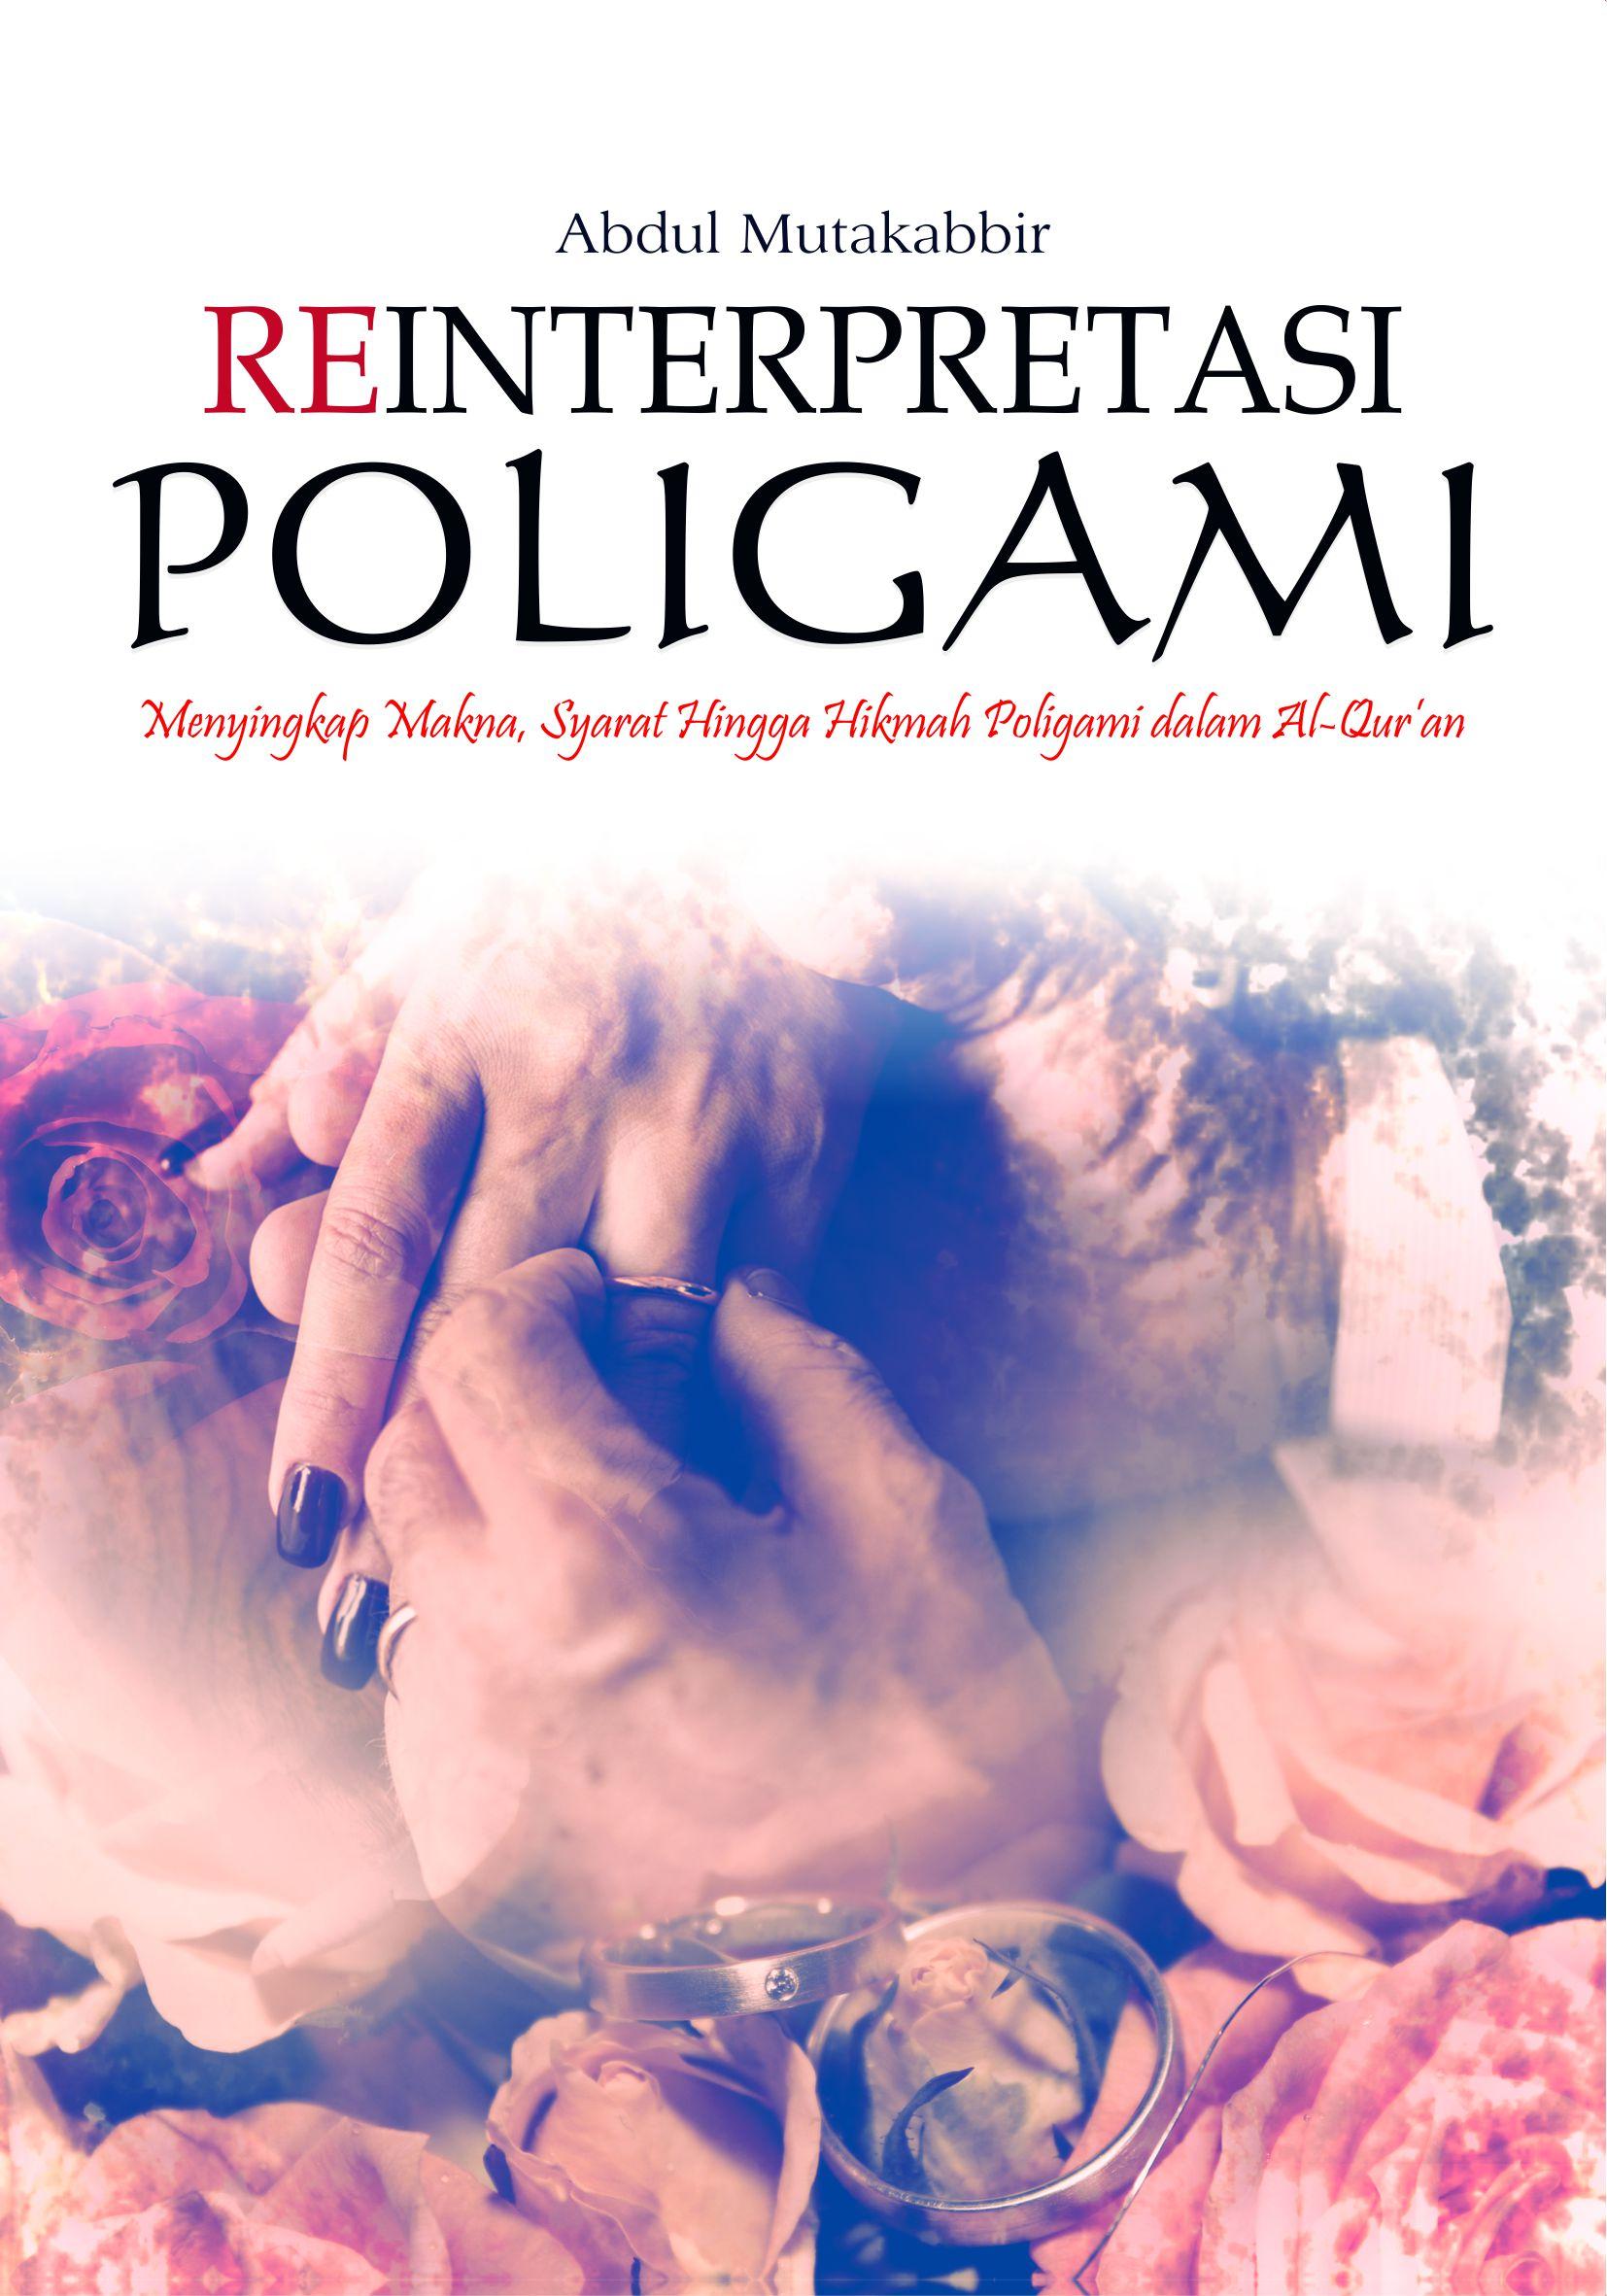 Reinterpretasi poligami [sumber elektronis] : menyingkap makna, syarat hingga hikmah poligami dalam Al-Qur'an